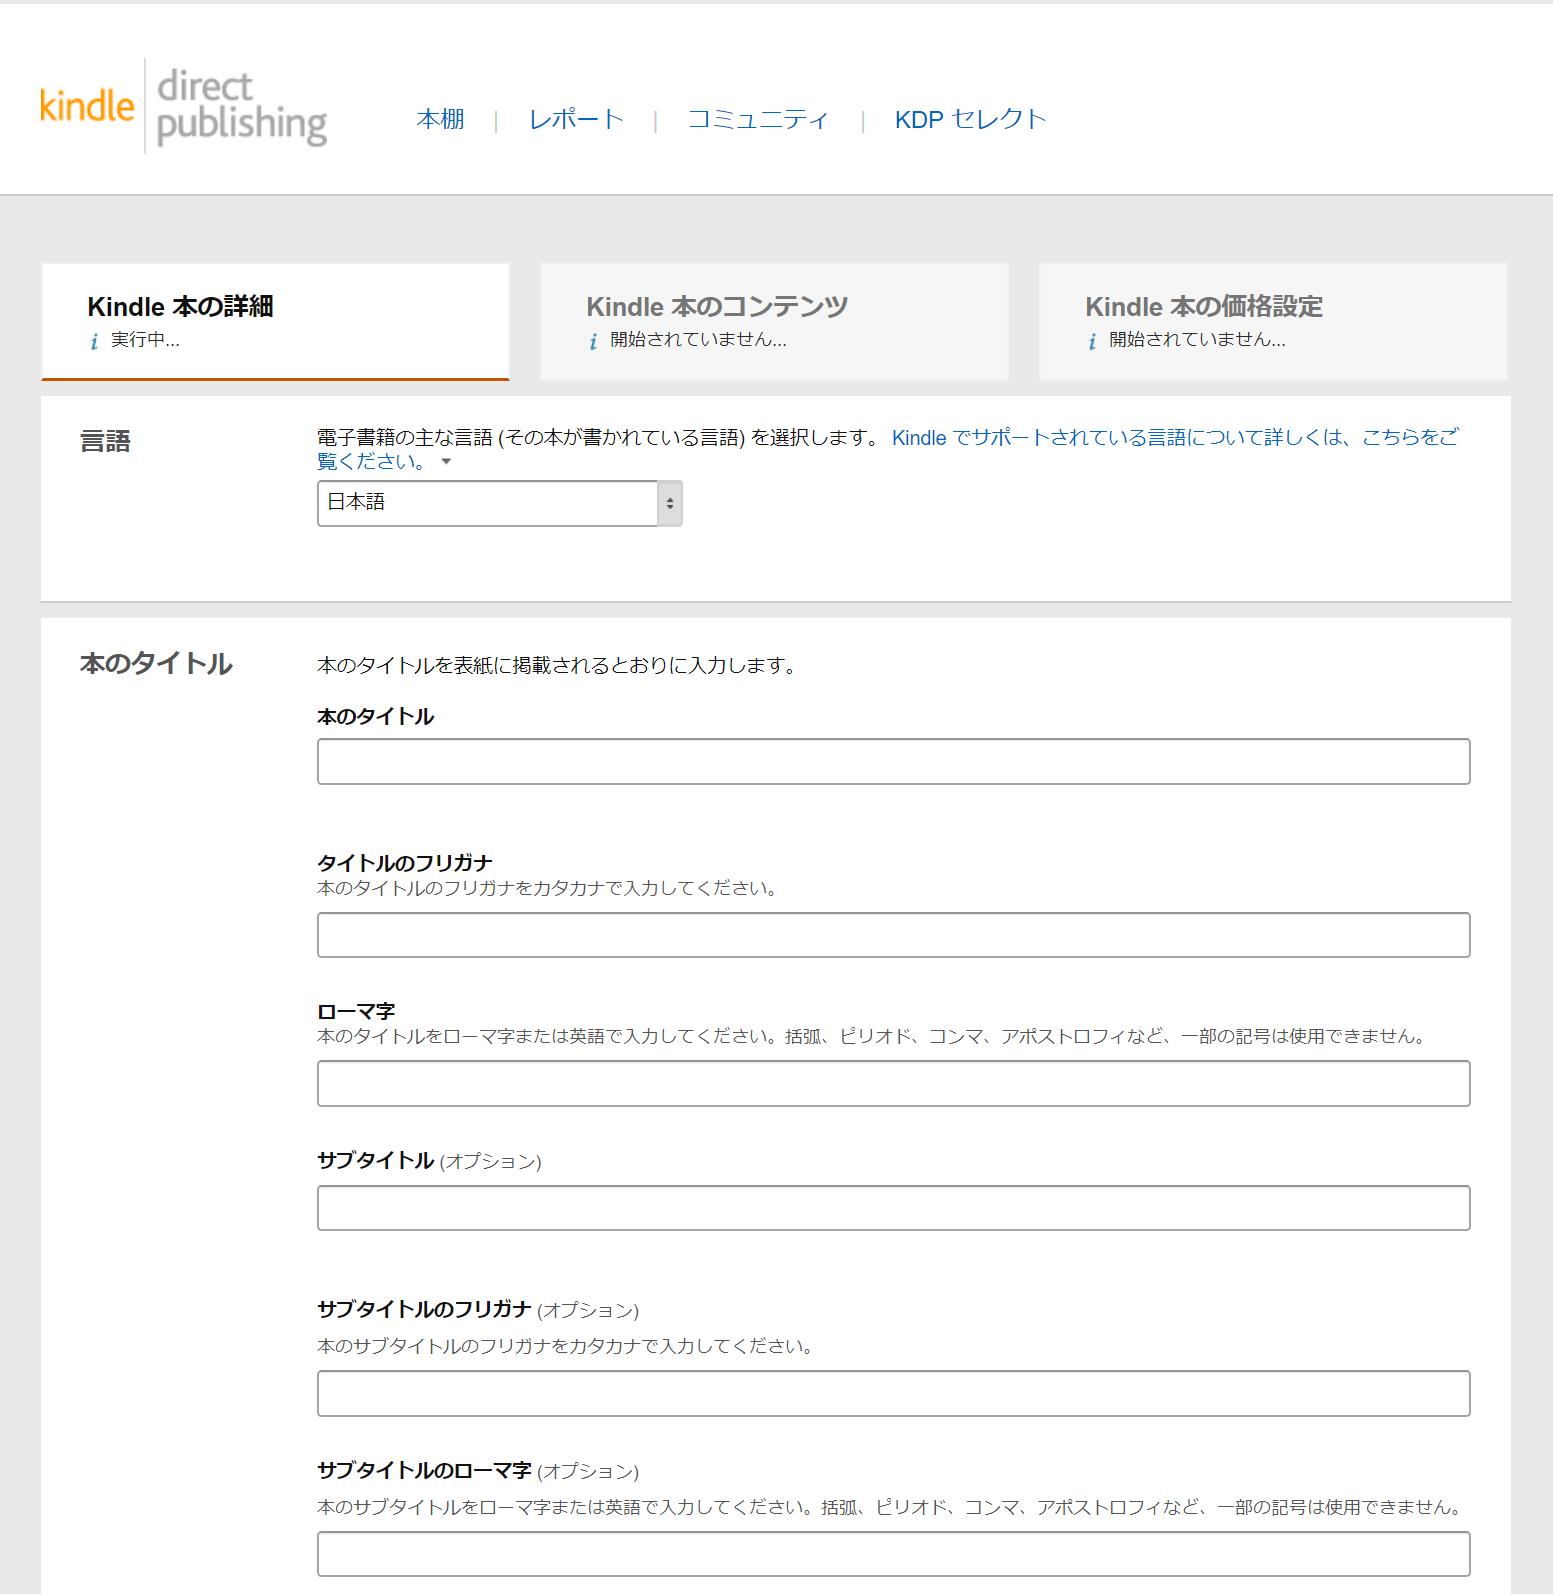 電子書籍-KDP-登録画面-タイトル